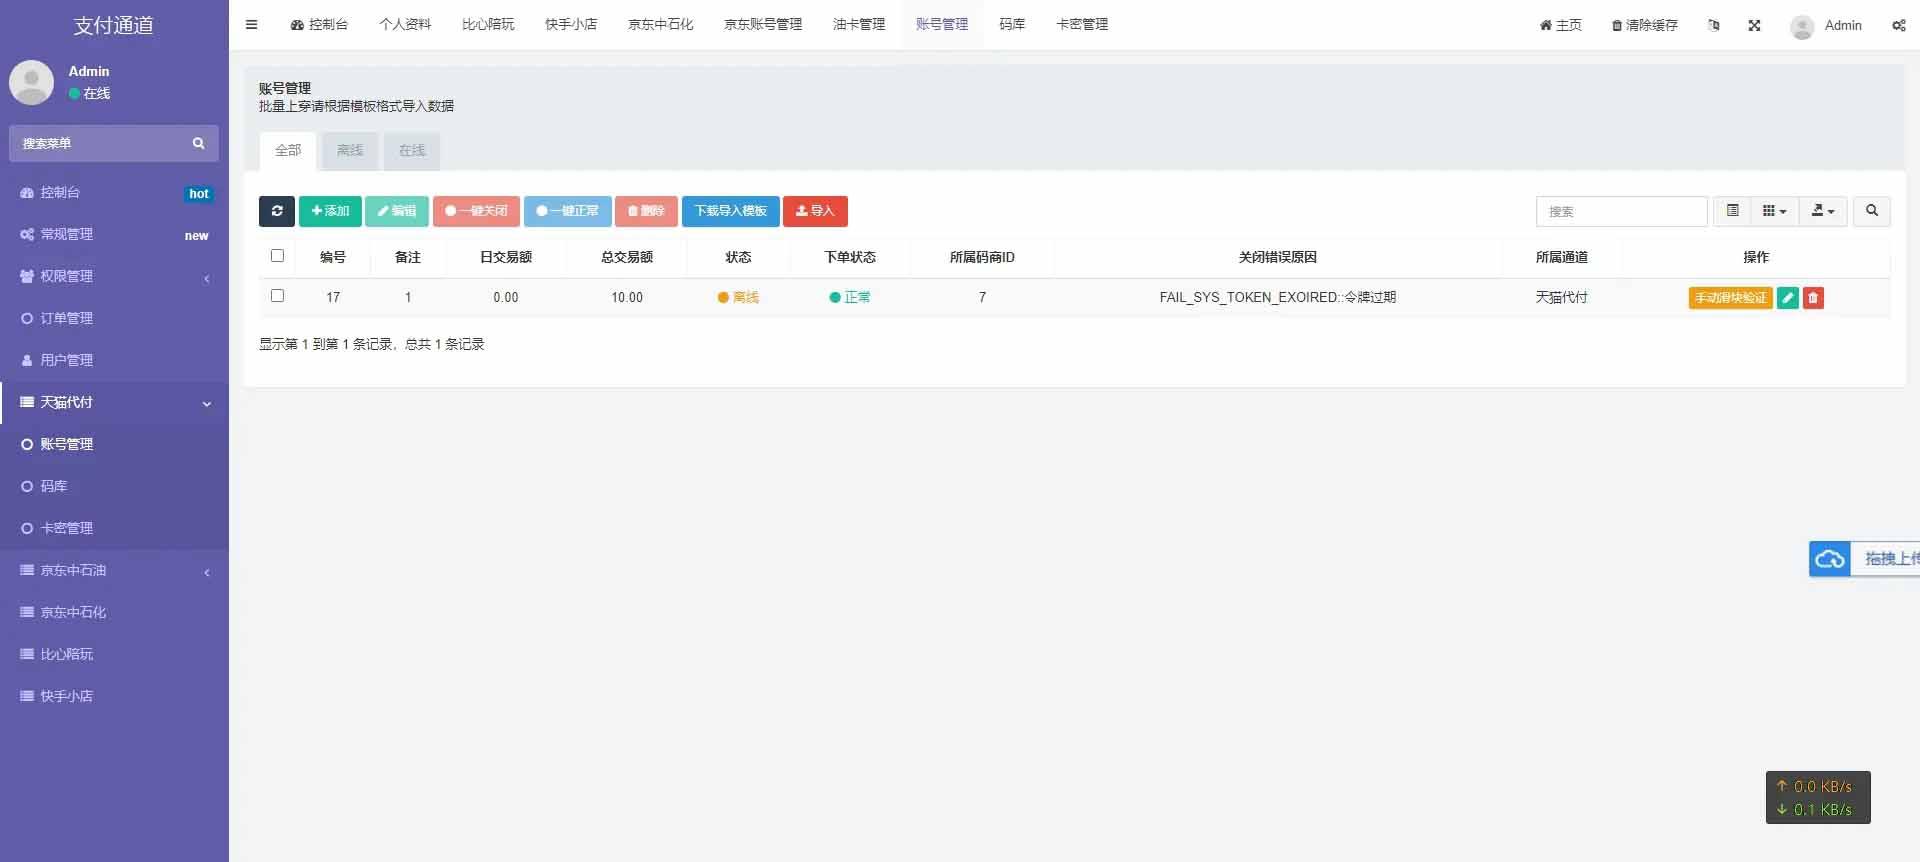 淘宝天猫代理系统/京东油卡密度系统/聚合支付系统源代码插图5